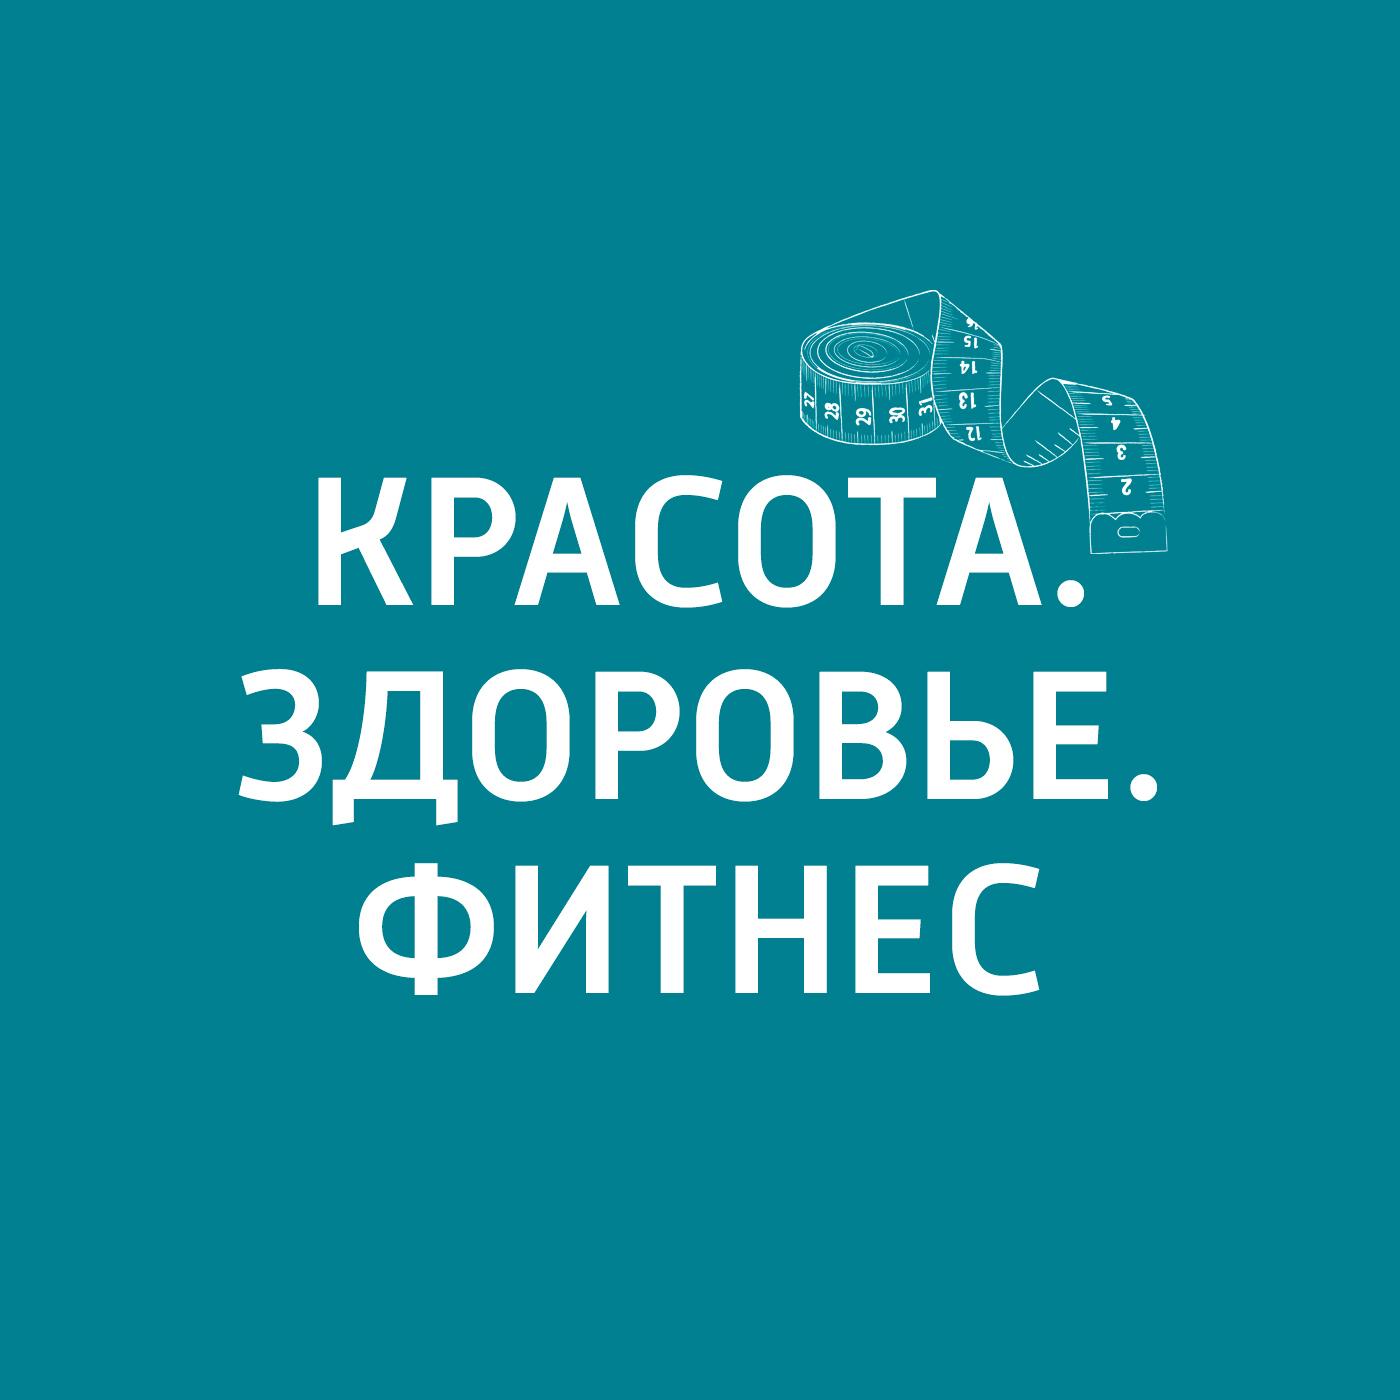 Маргарита Митрофанова Вакцинация создатель вакцины от бешенства 6 букв